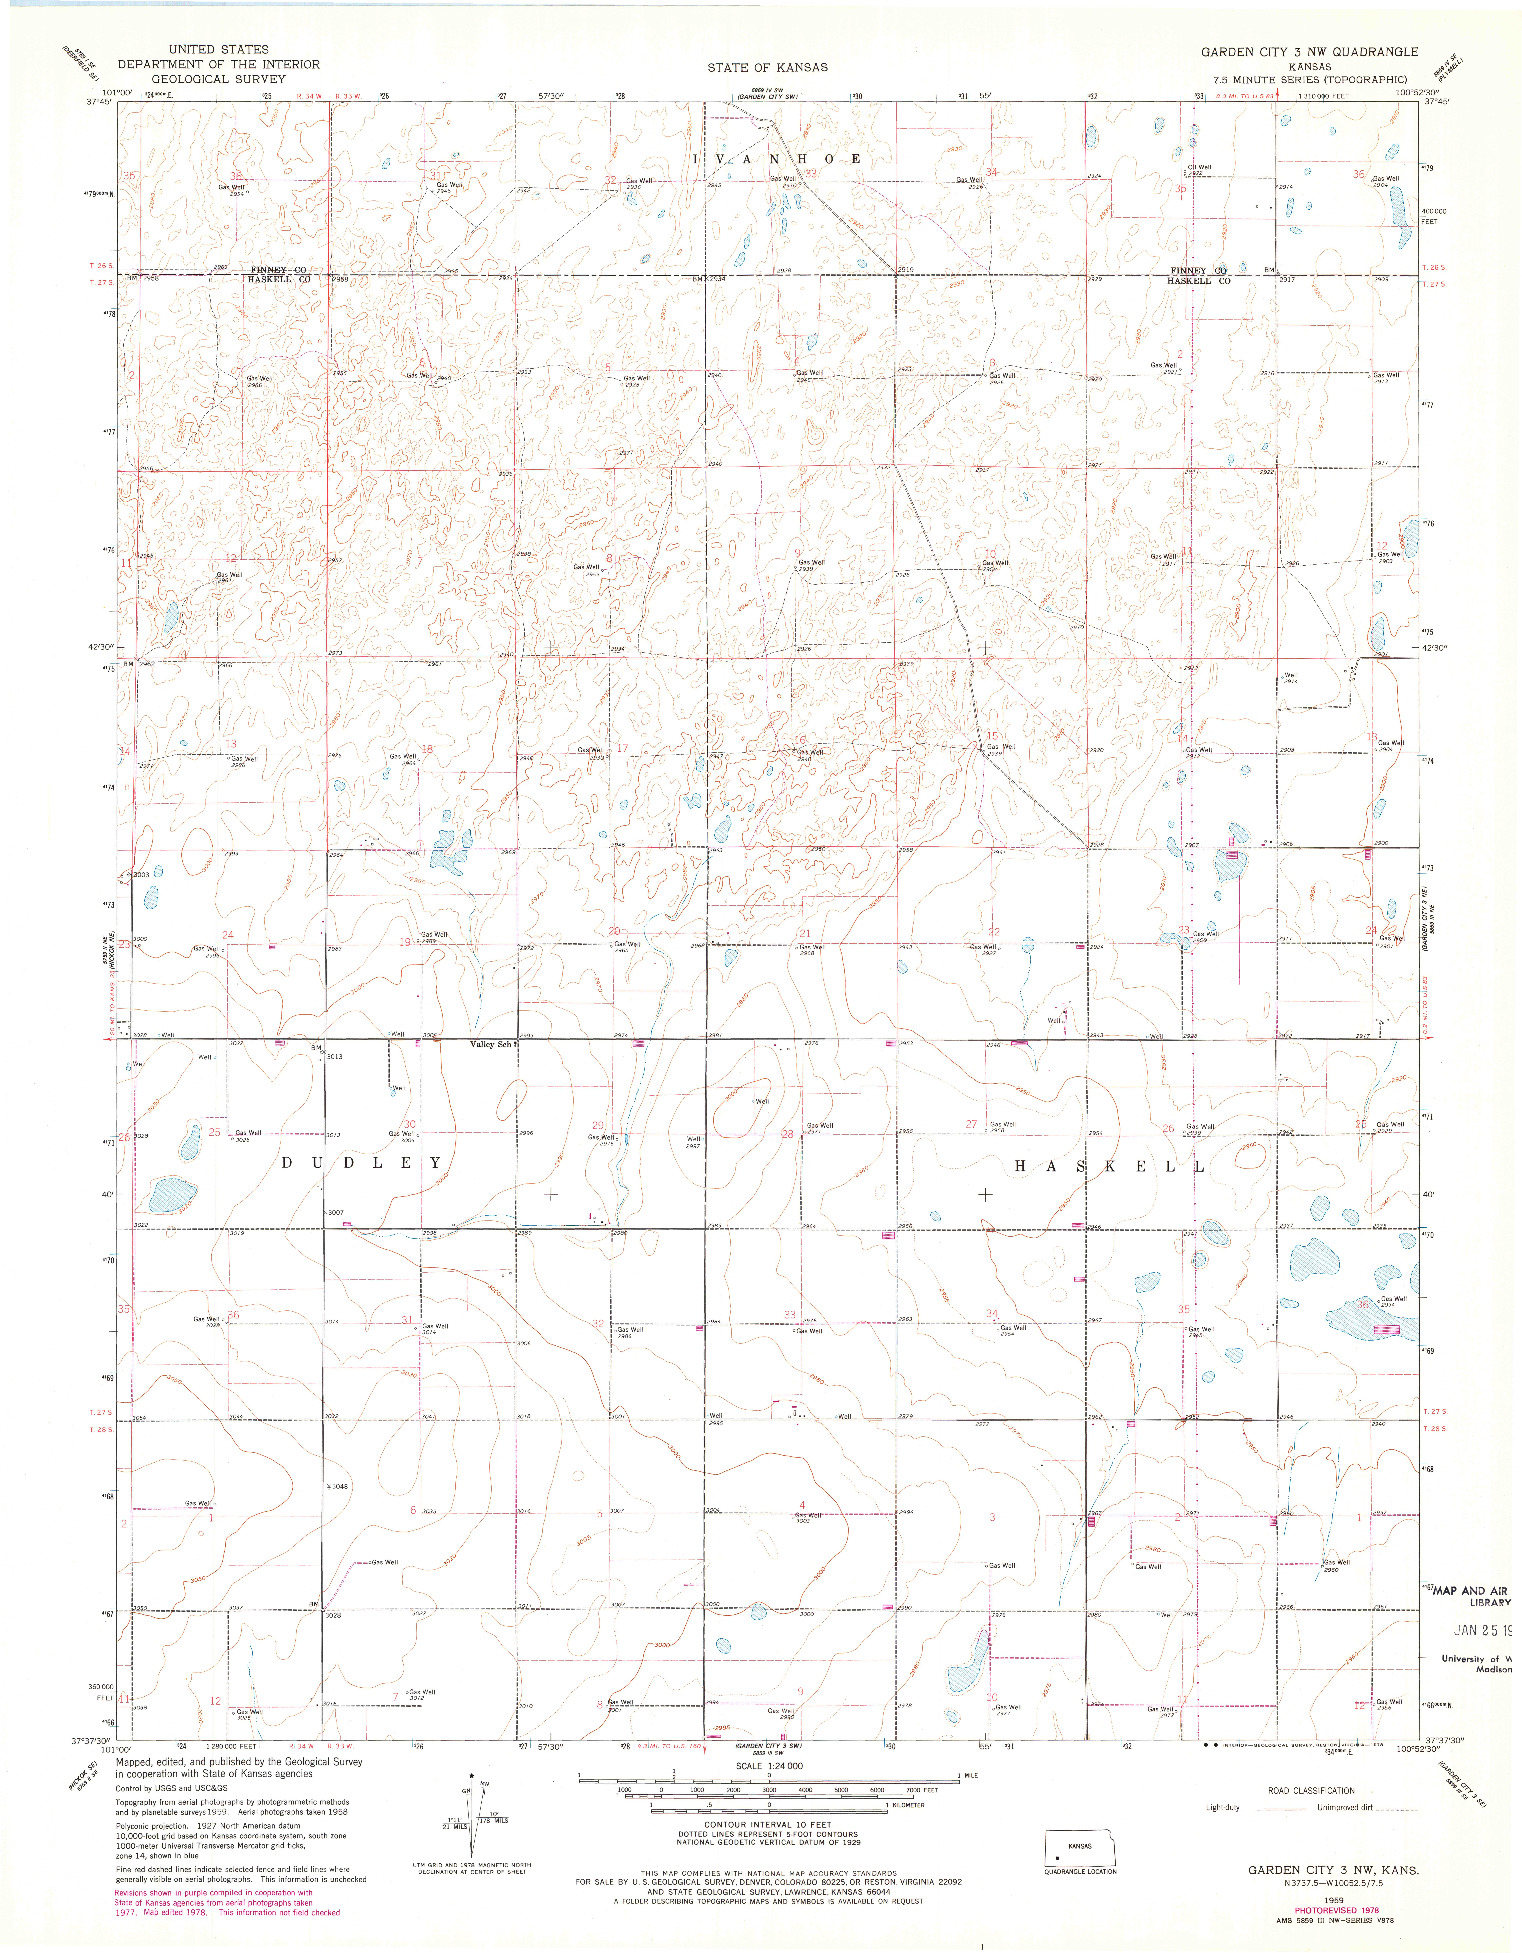 USGS 1:24000-SCALE QUADRANGLE FOR GARDEN CITY 3 NW, KS 1959